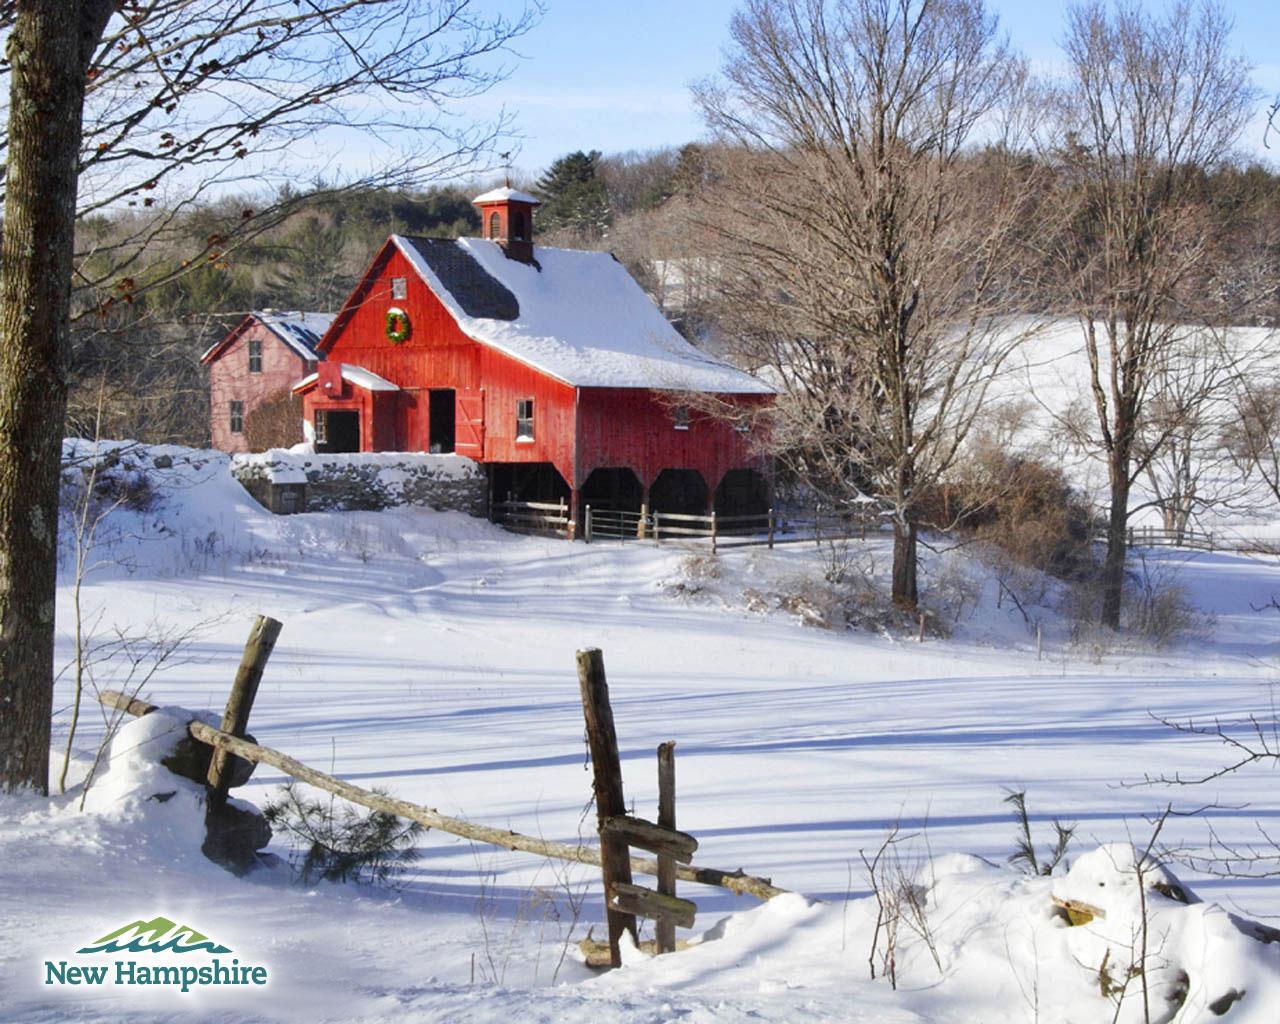 45 farm winter scenes desktop wallpaper on wallpapersafari - Winter farm scenes wallpaper ...